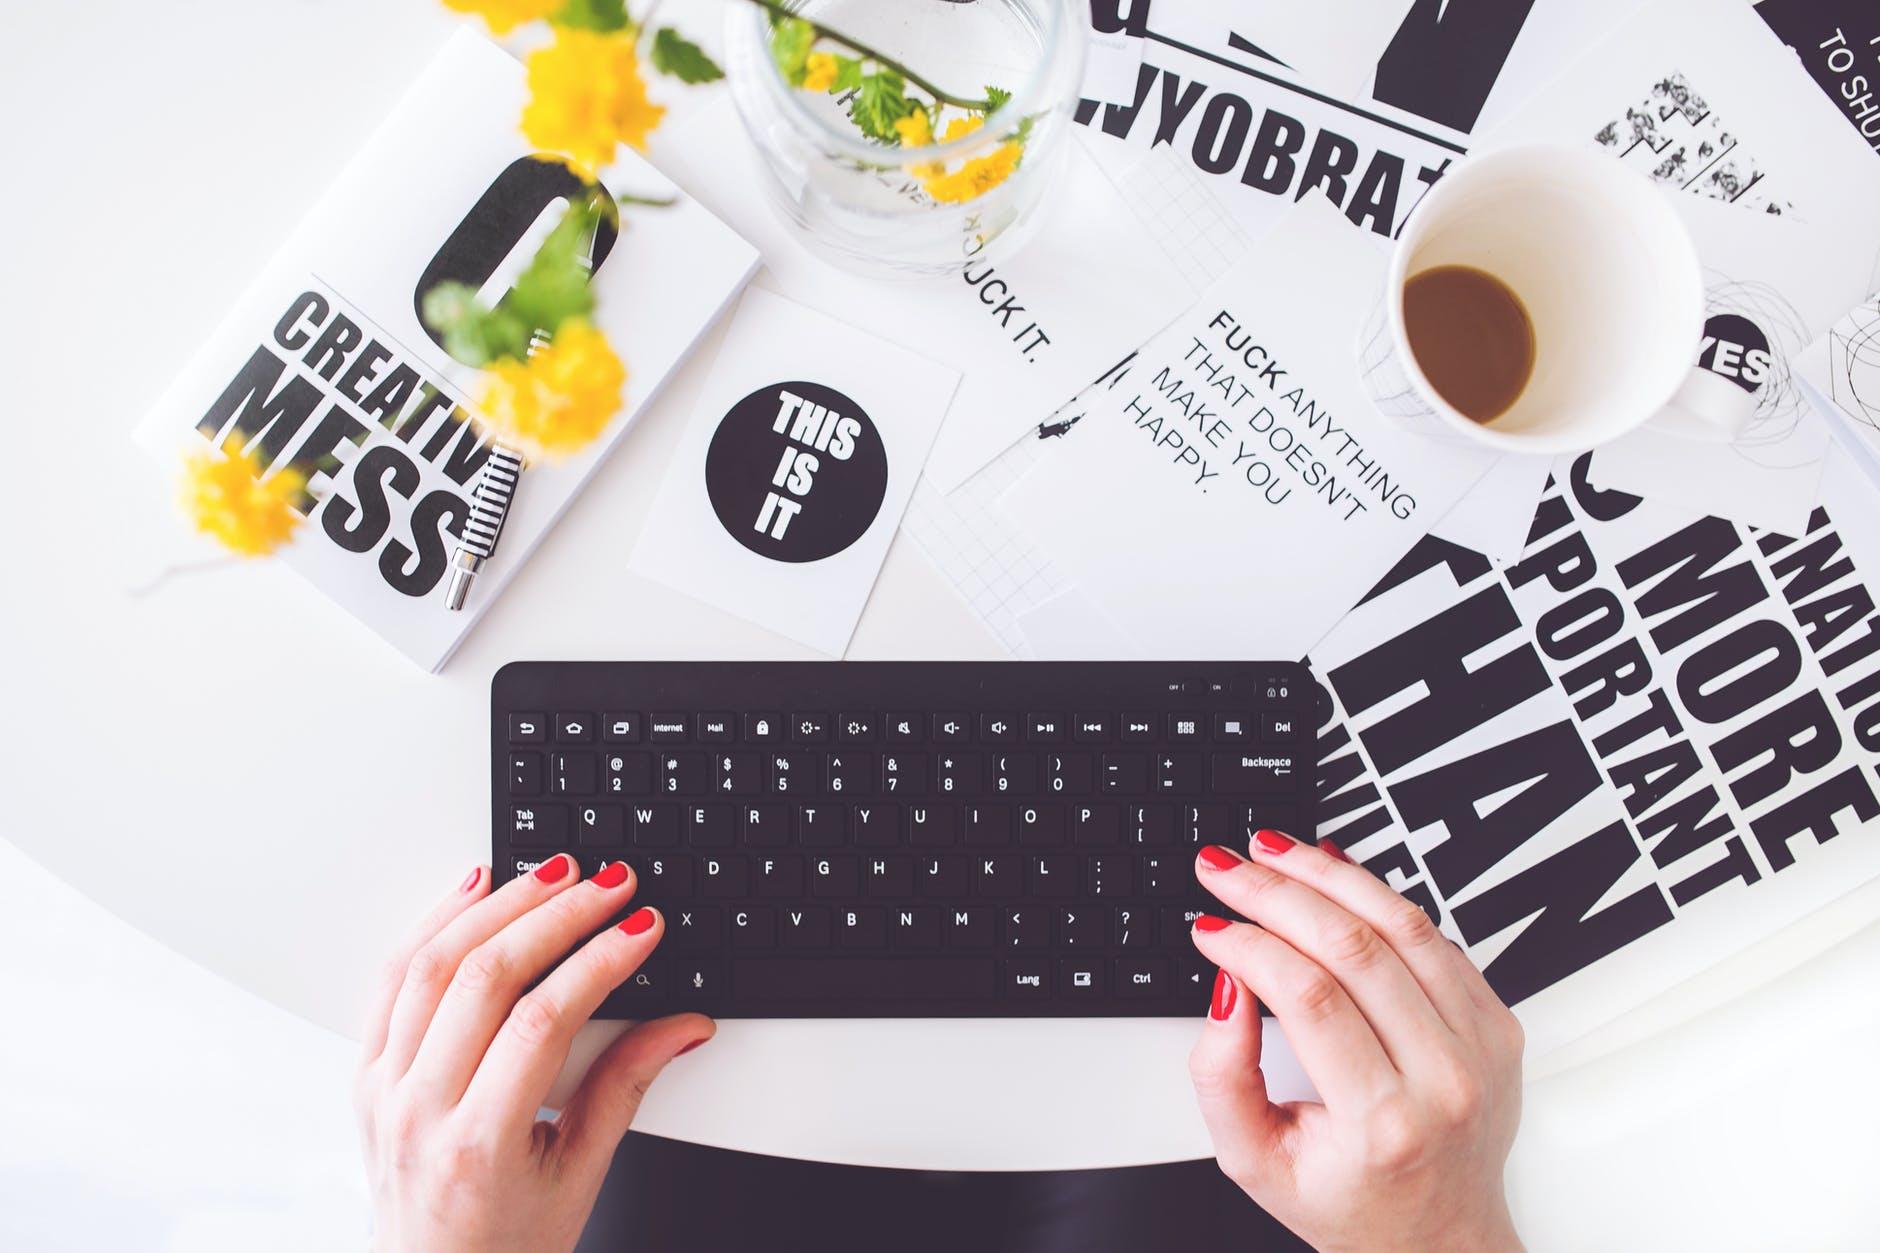 Bagaiman cara ngeblog bagi pemula dengan mudah dan praktis ?